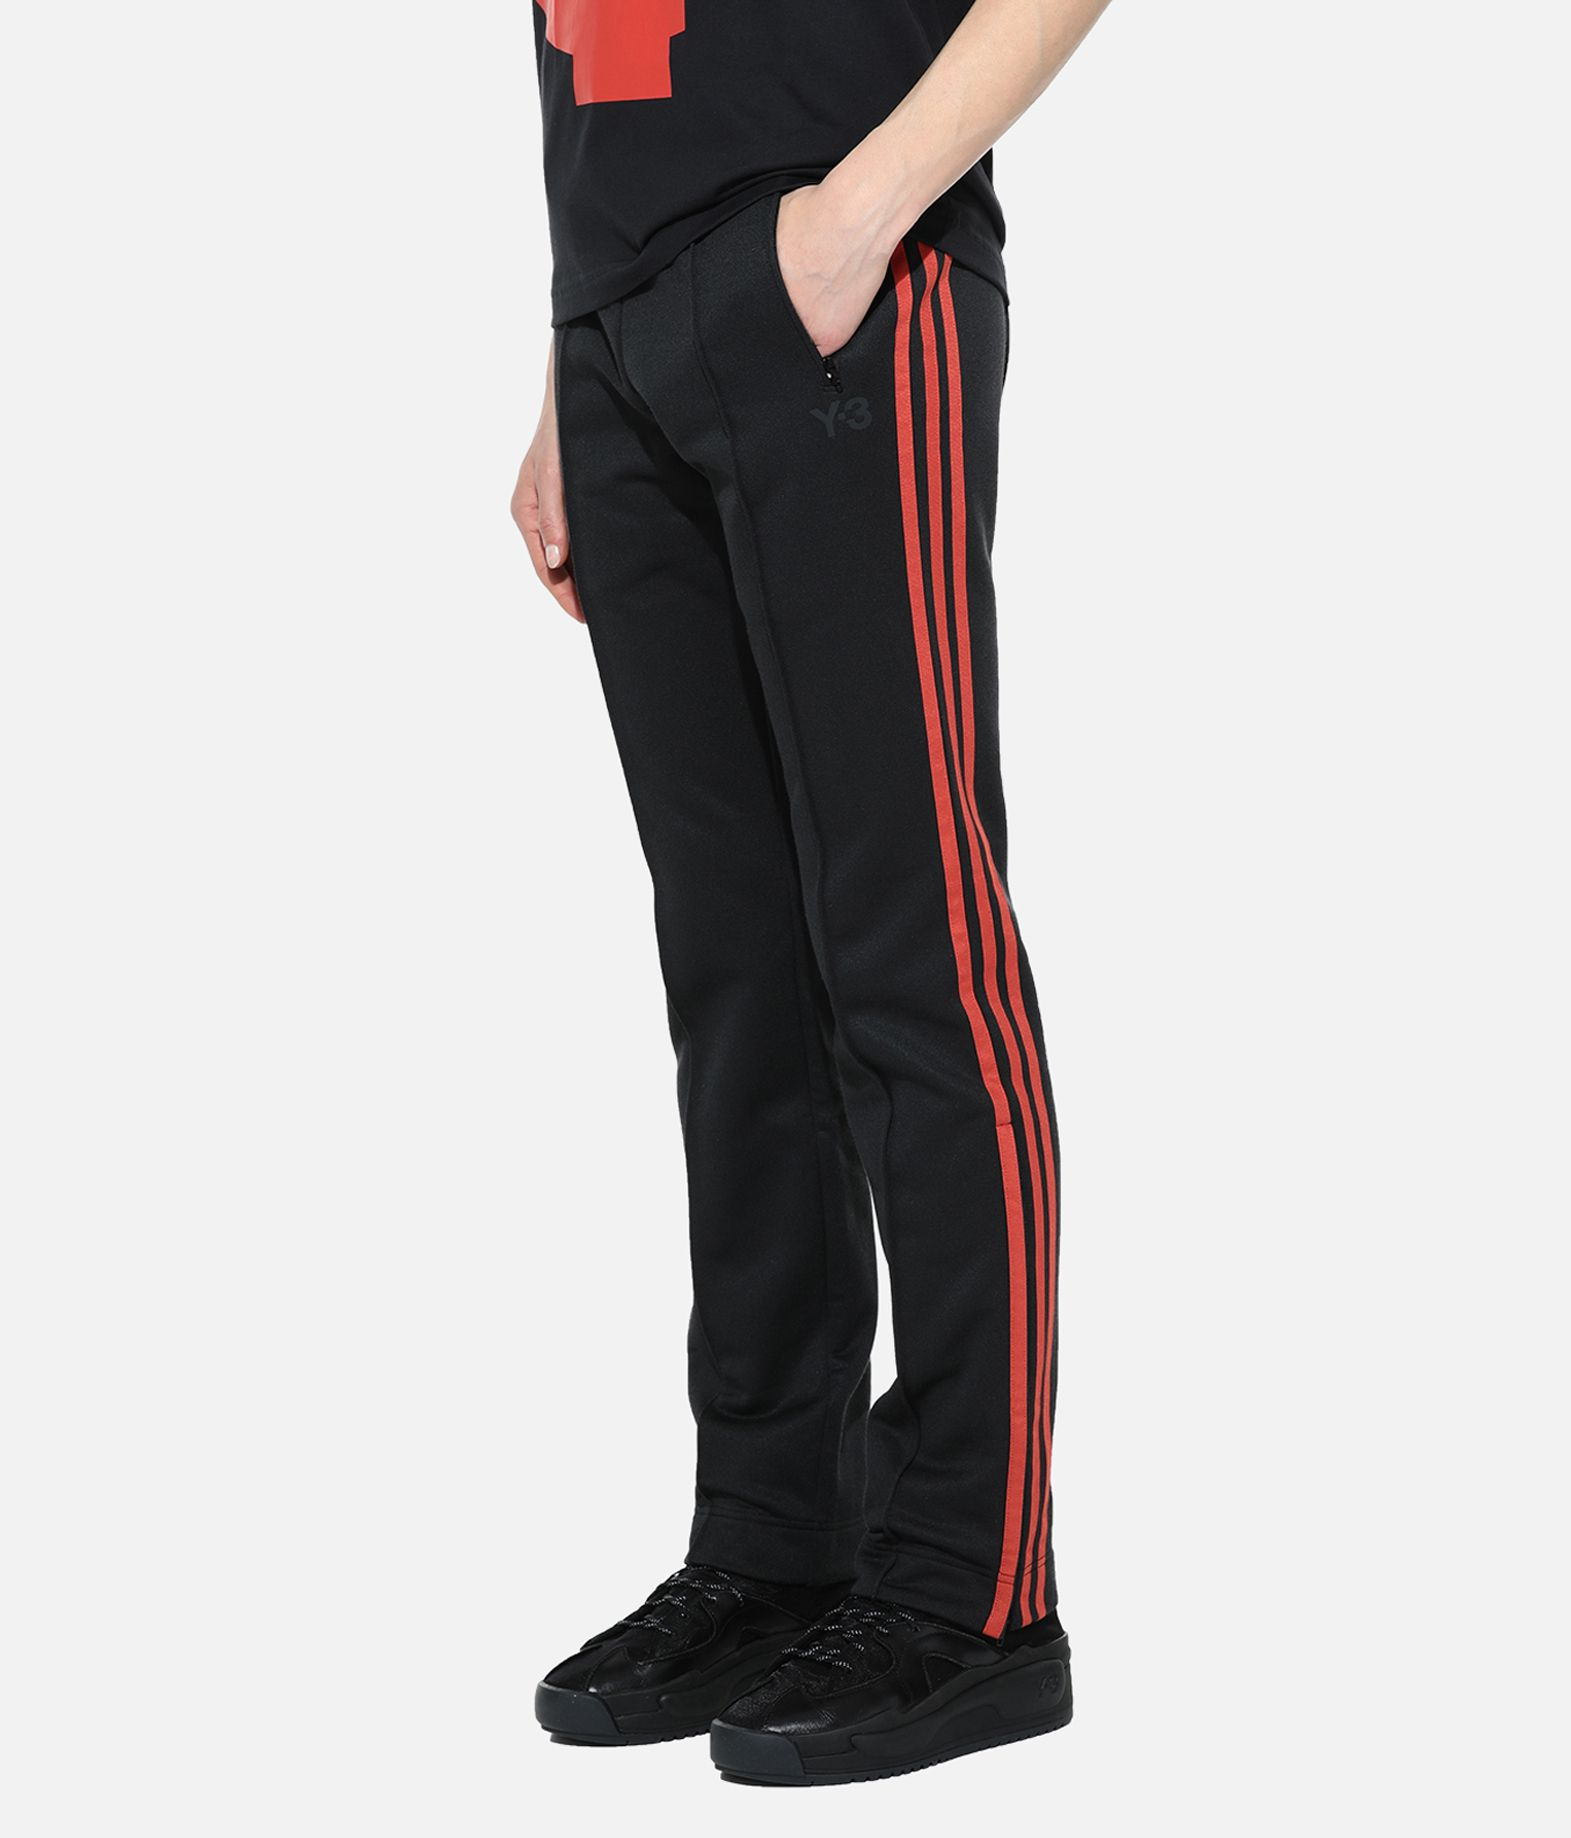 Y-3 Y-3 3-Stripes Slim Track Pants Track pant Woman e